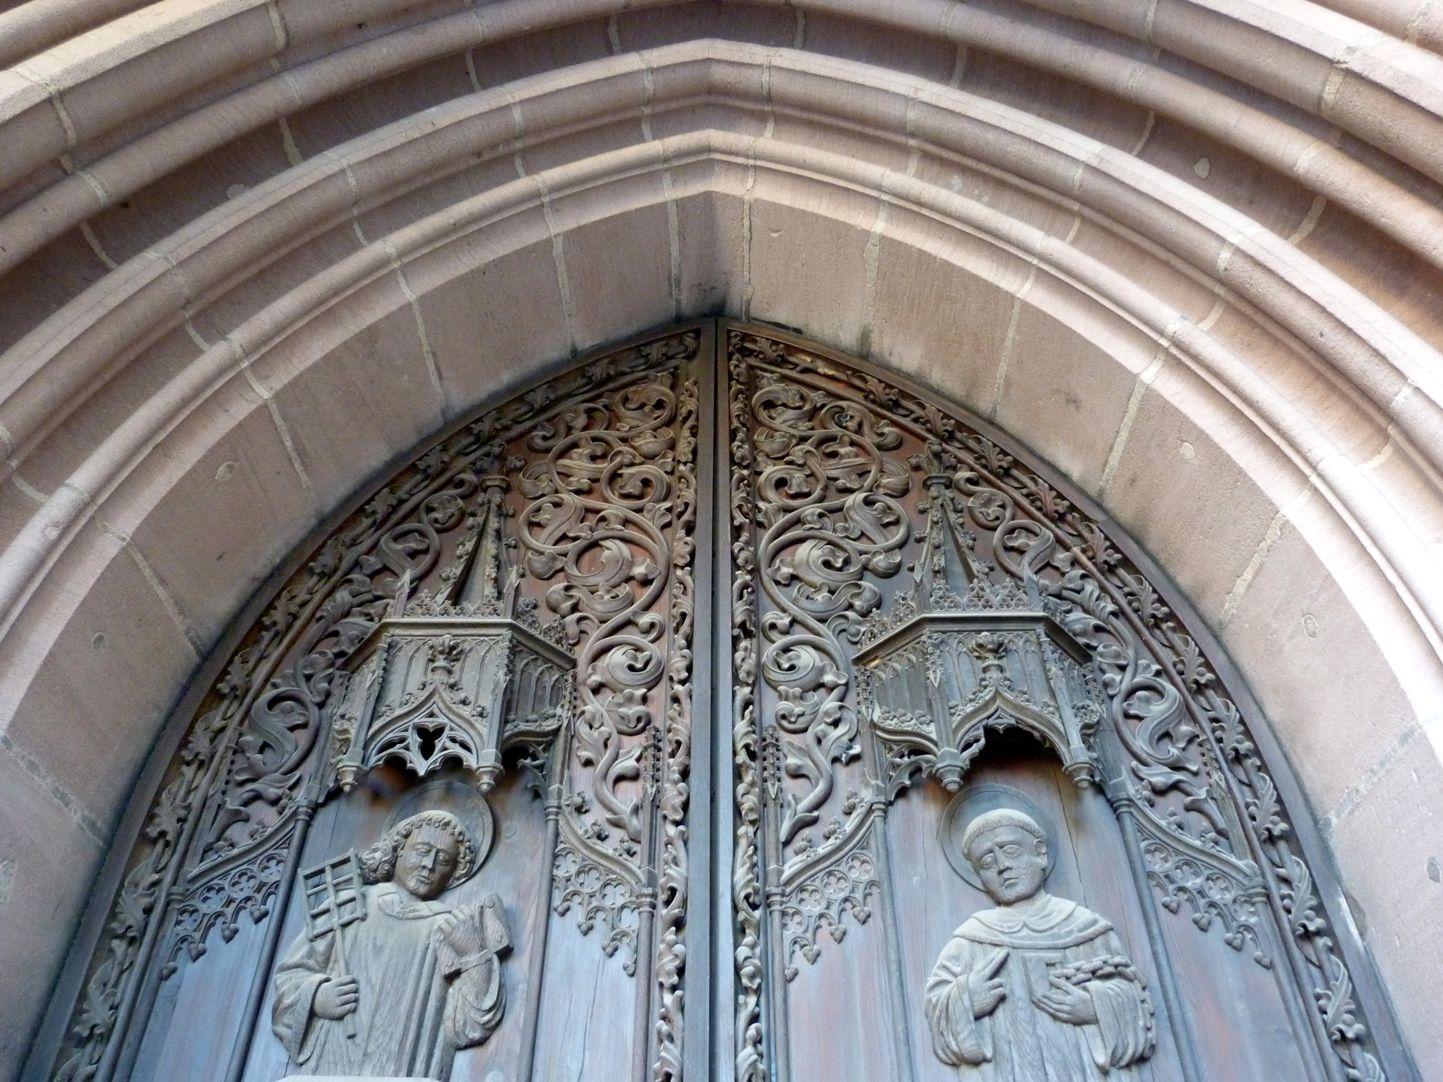 Brides´Portal Entrance Tympanon